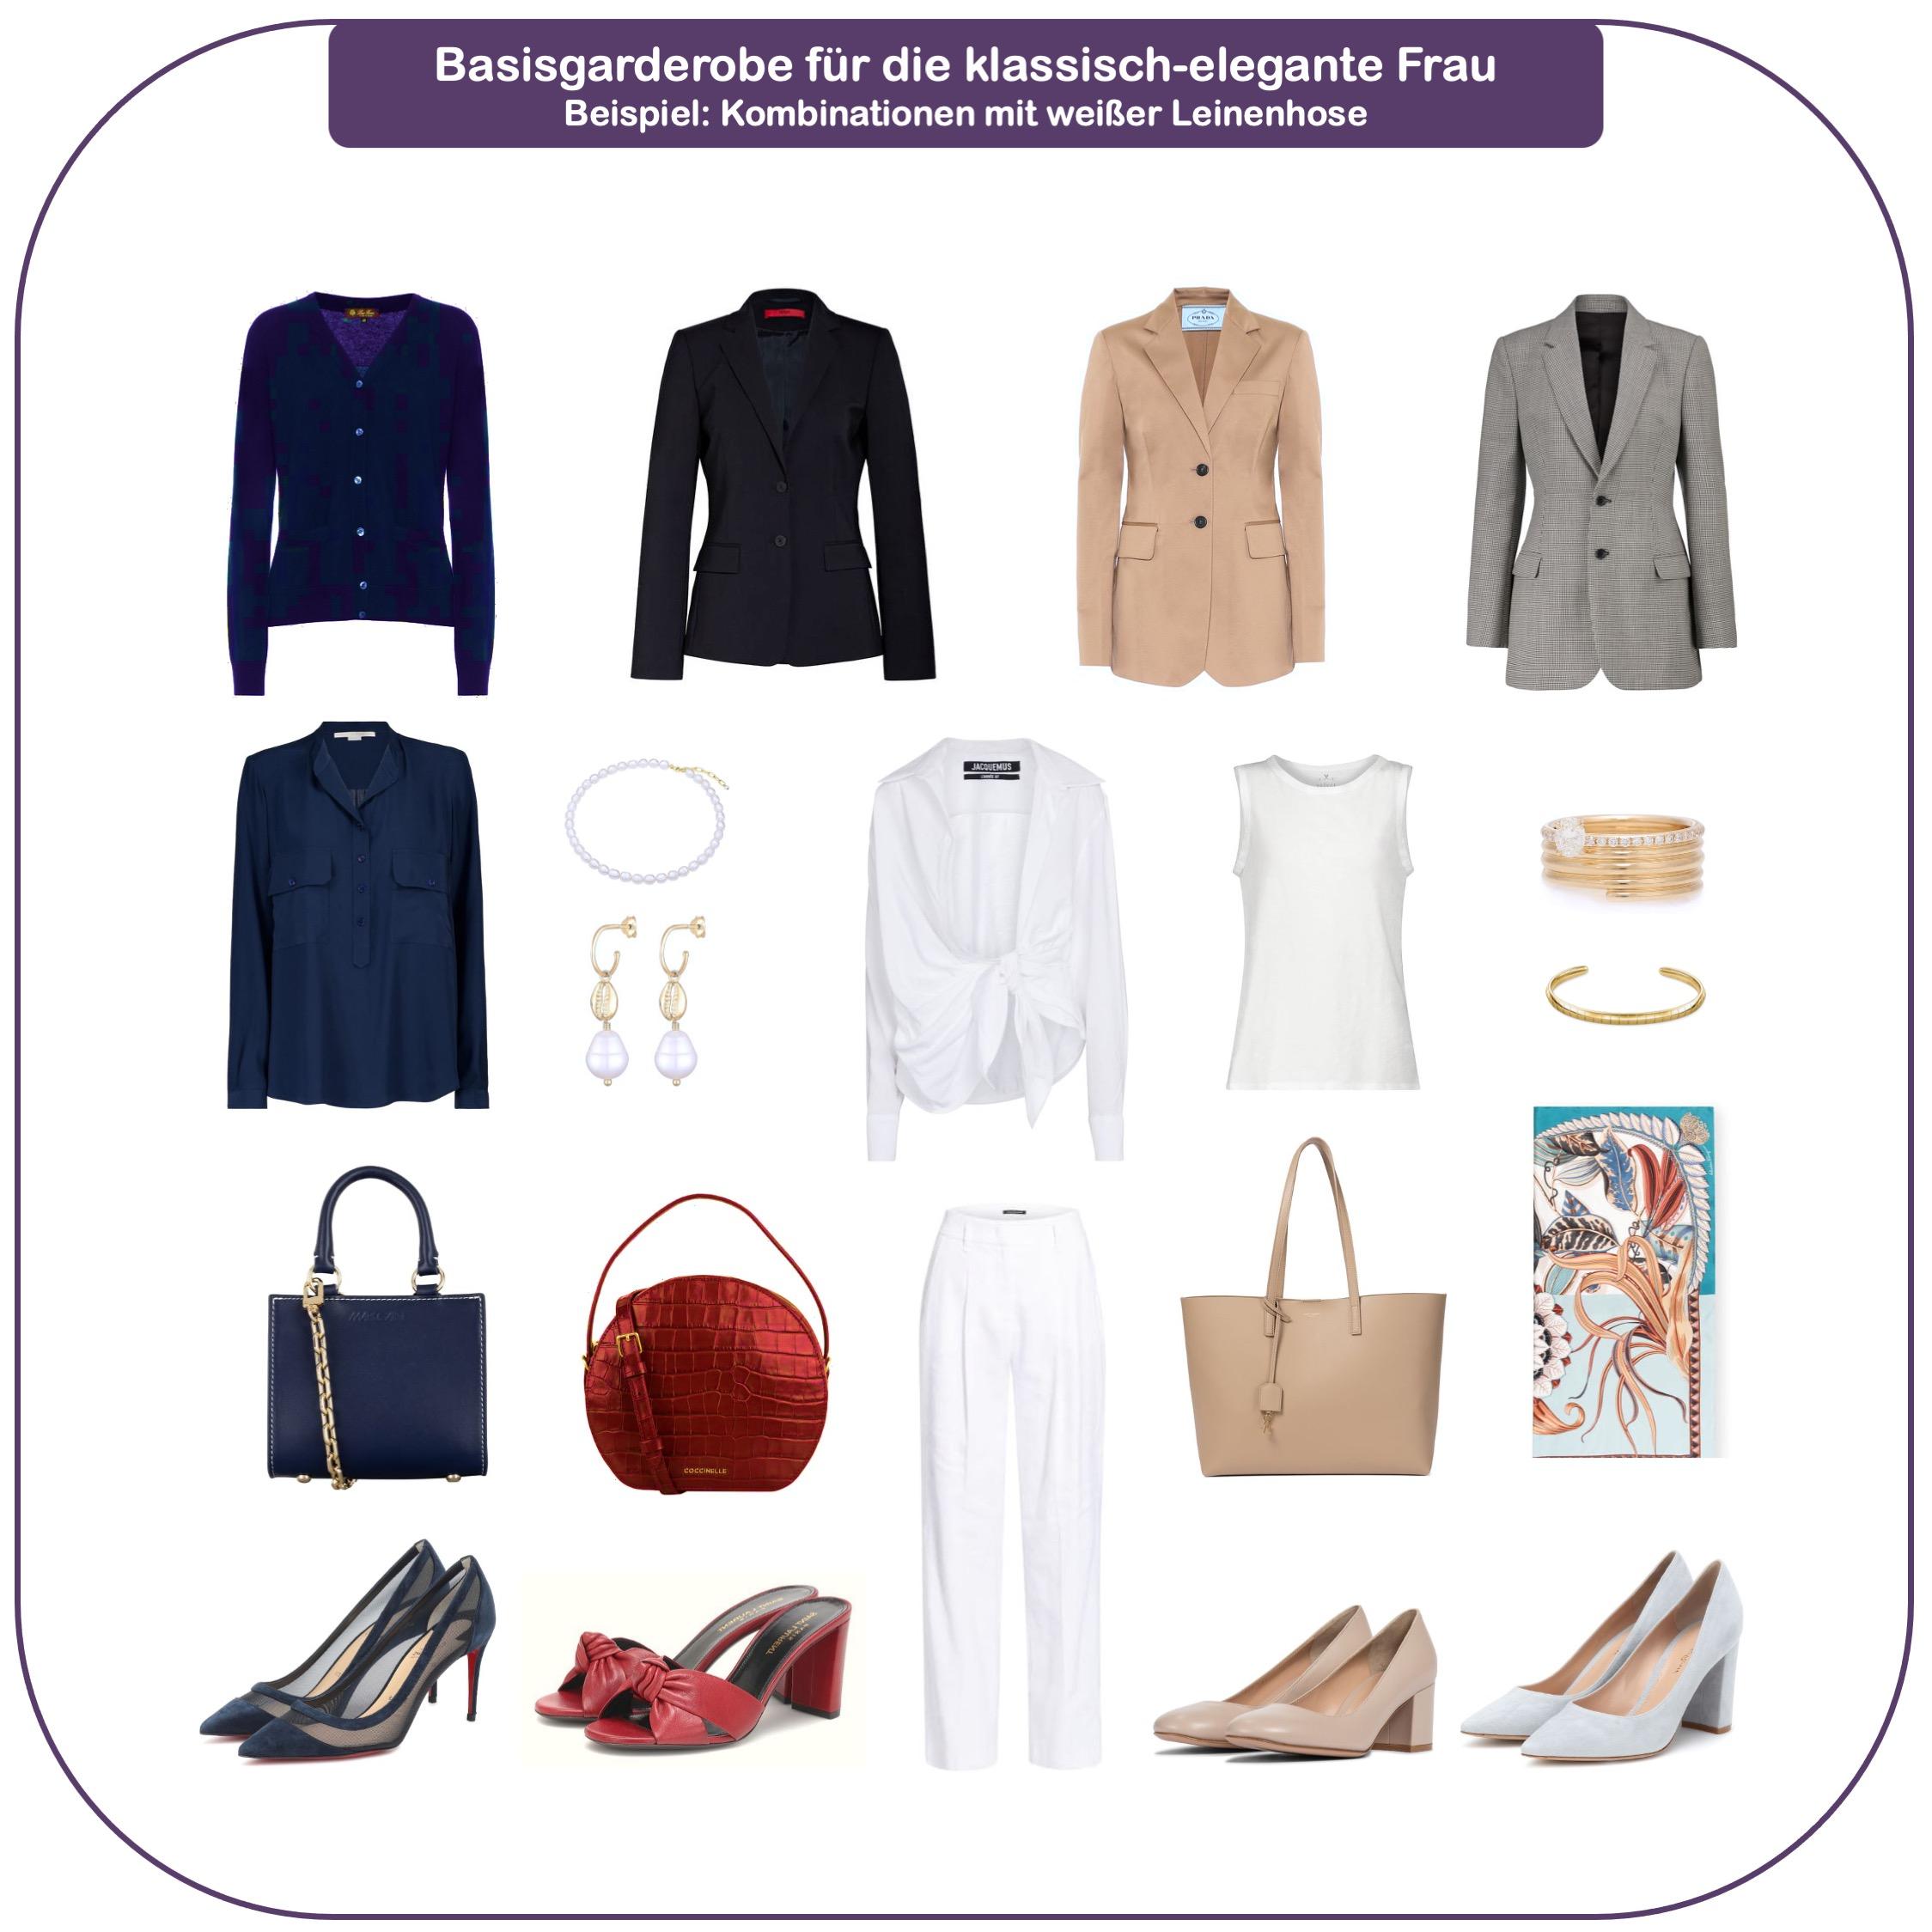 Basisgarderobe für die klassisch-elegante Frau ab 40 - Basics weiße Leinenhose